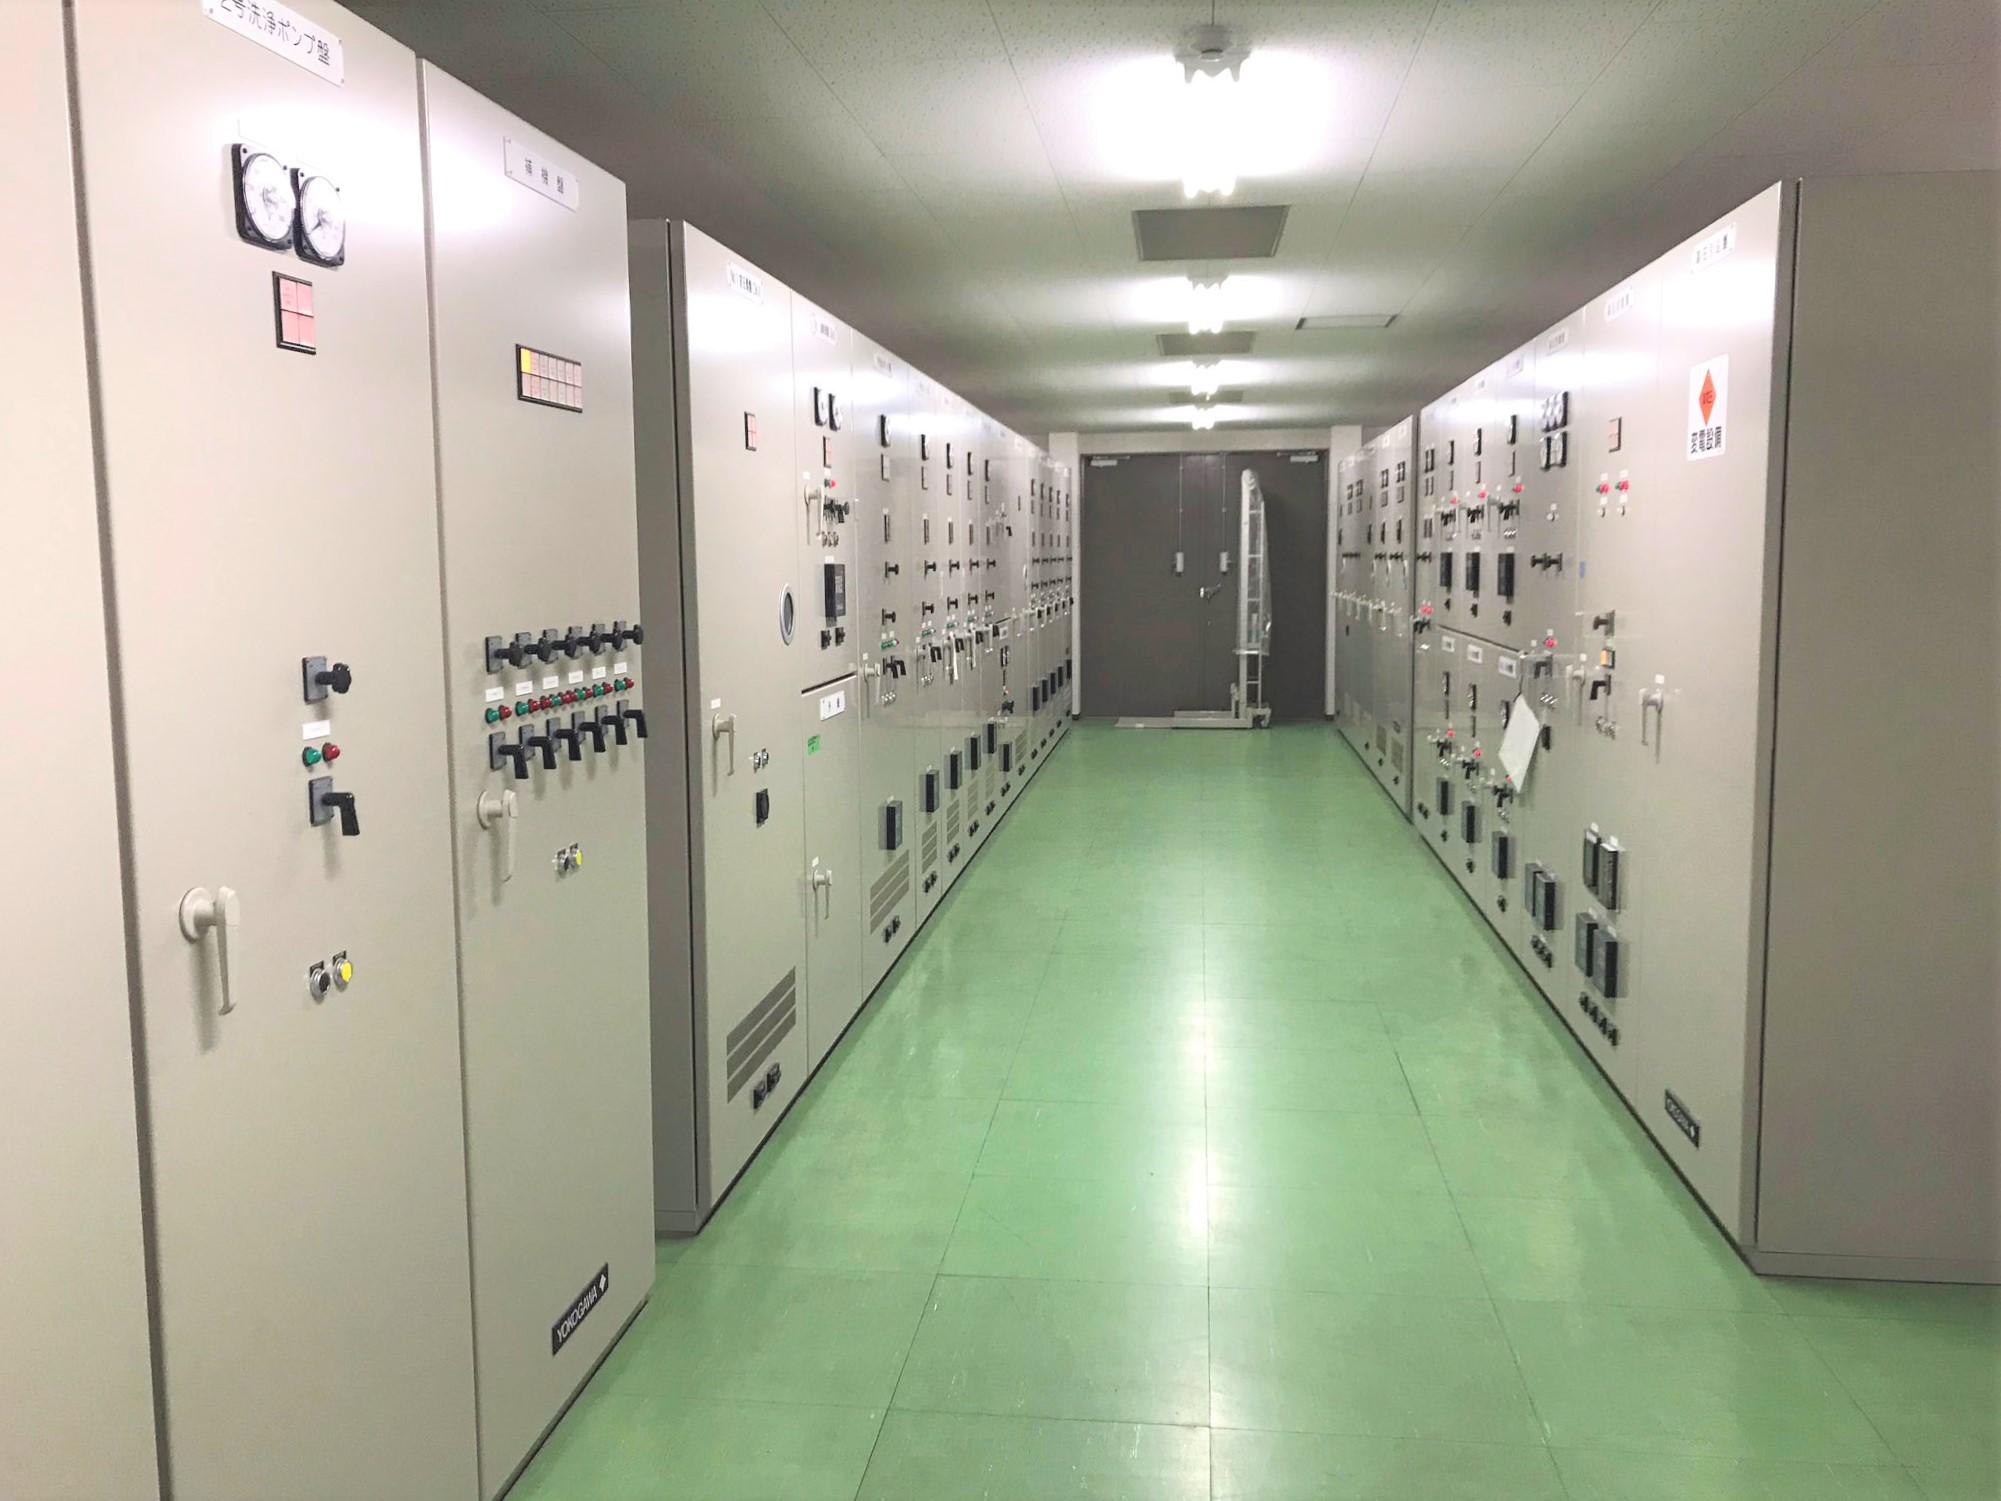 浄水場の電気設備更新工事を施工しました。受変電系統を2重化して信頼性を高め、10台の高圧モーターポンプを運用して市内に送配水しています。